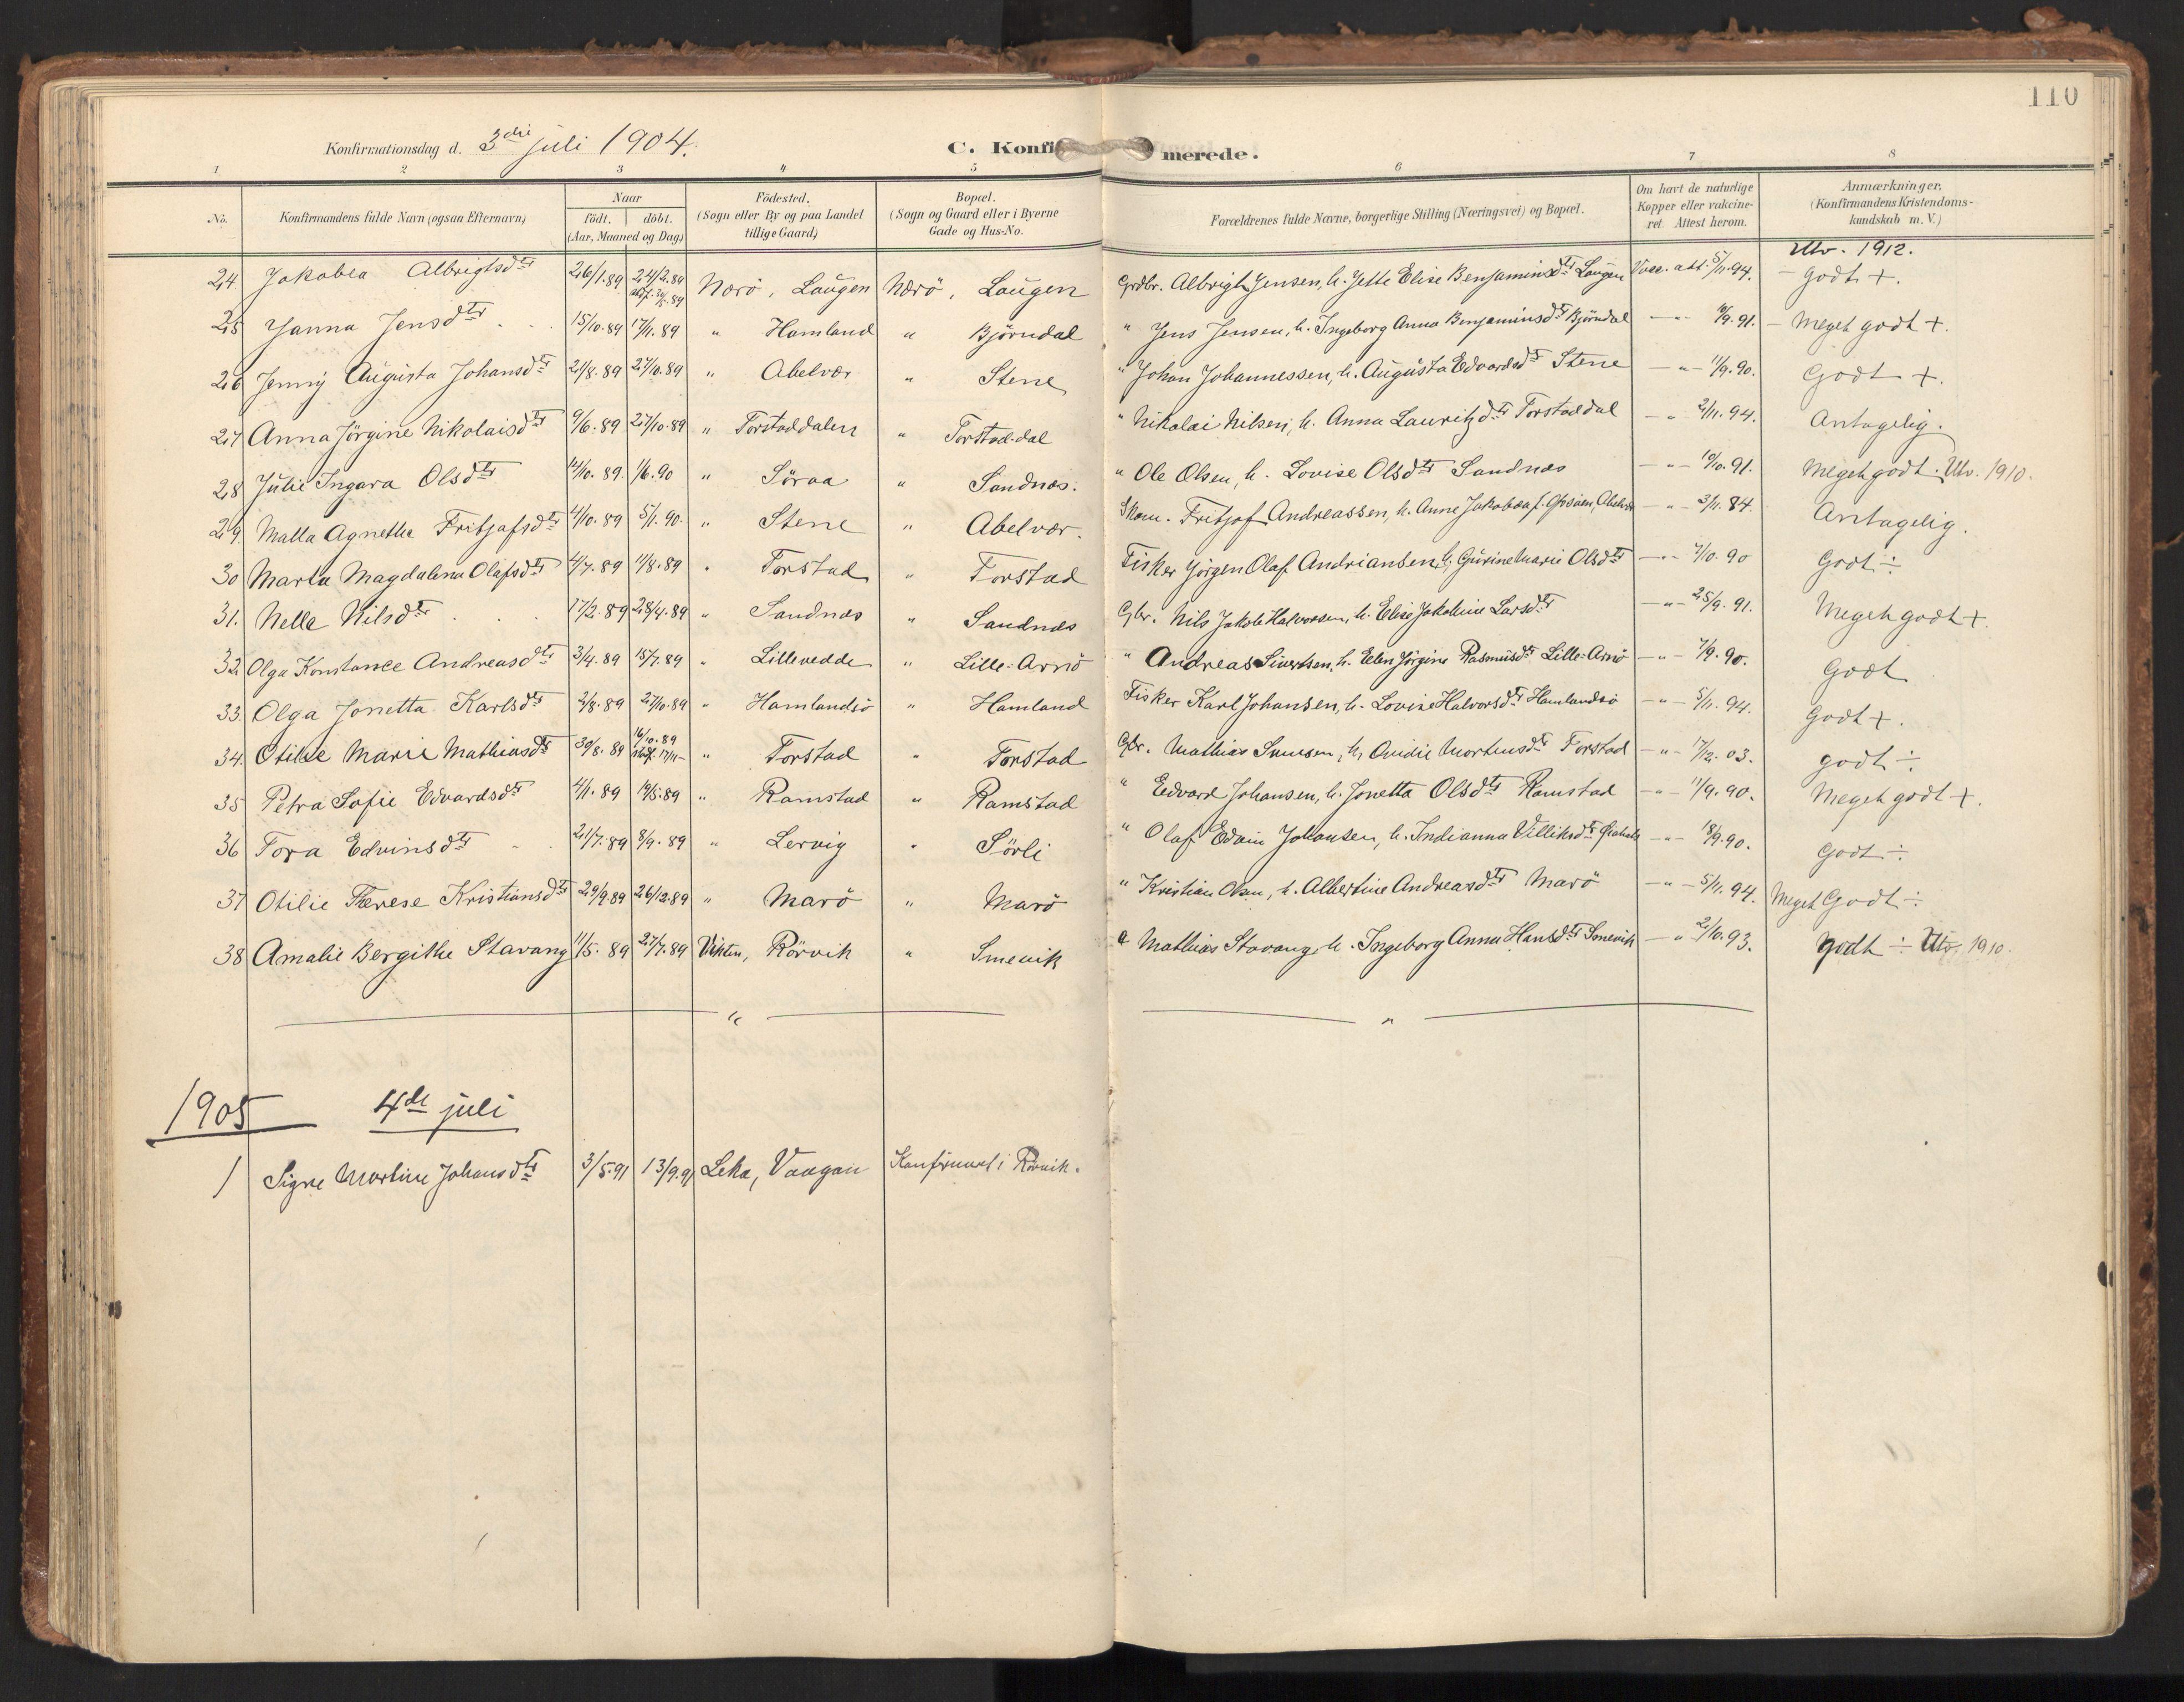 SAT, Ministerialprotokoller, klokkerbøker og fødselsregistre - Nord-Trøndelag, 784/L0677: Ministerialbok nr. 784A12, 1900-1920, s. 110